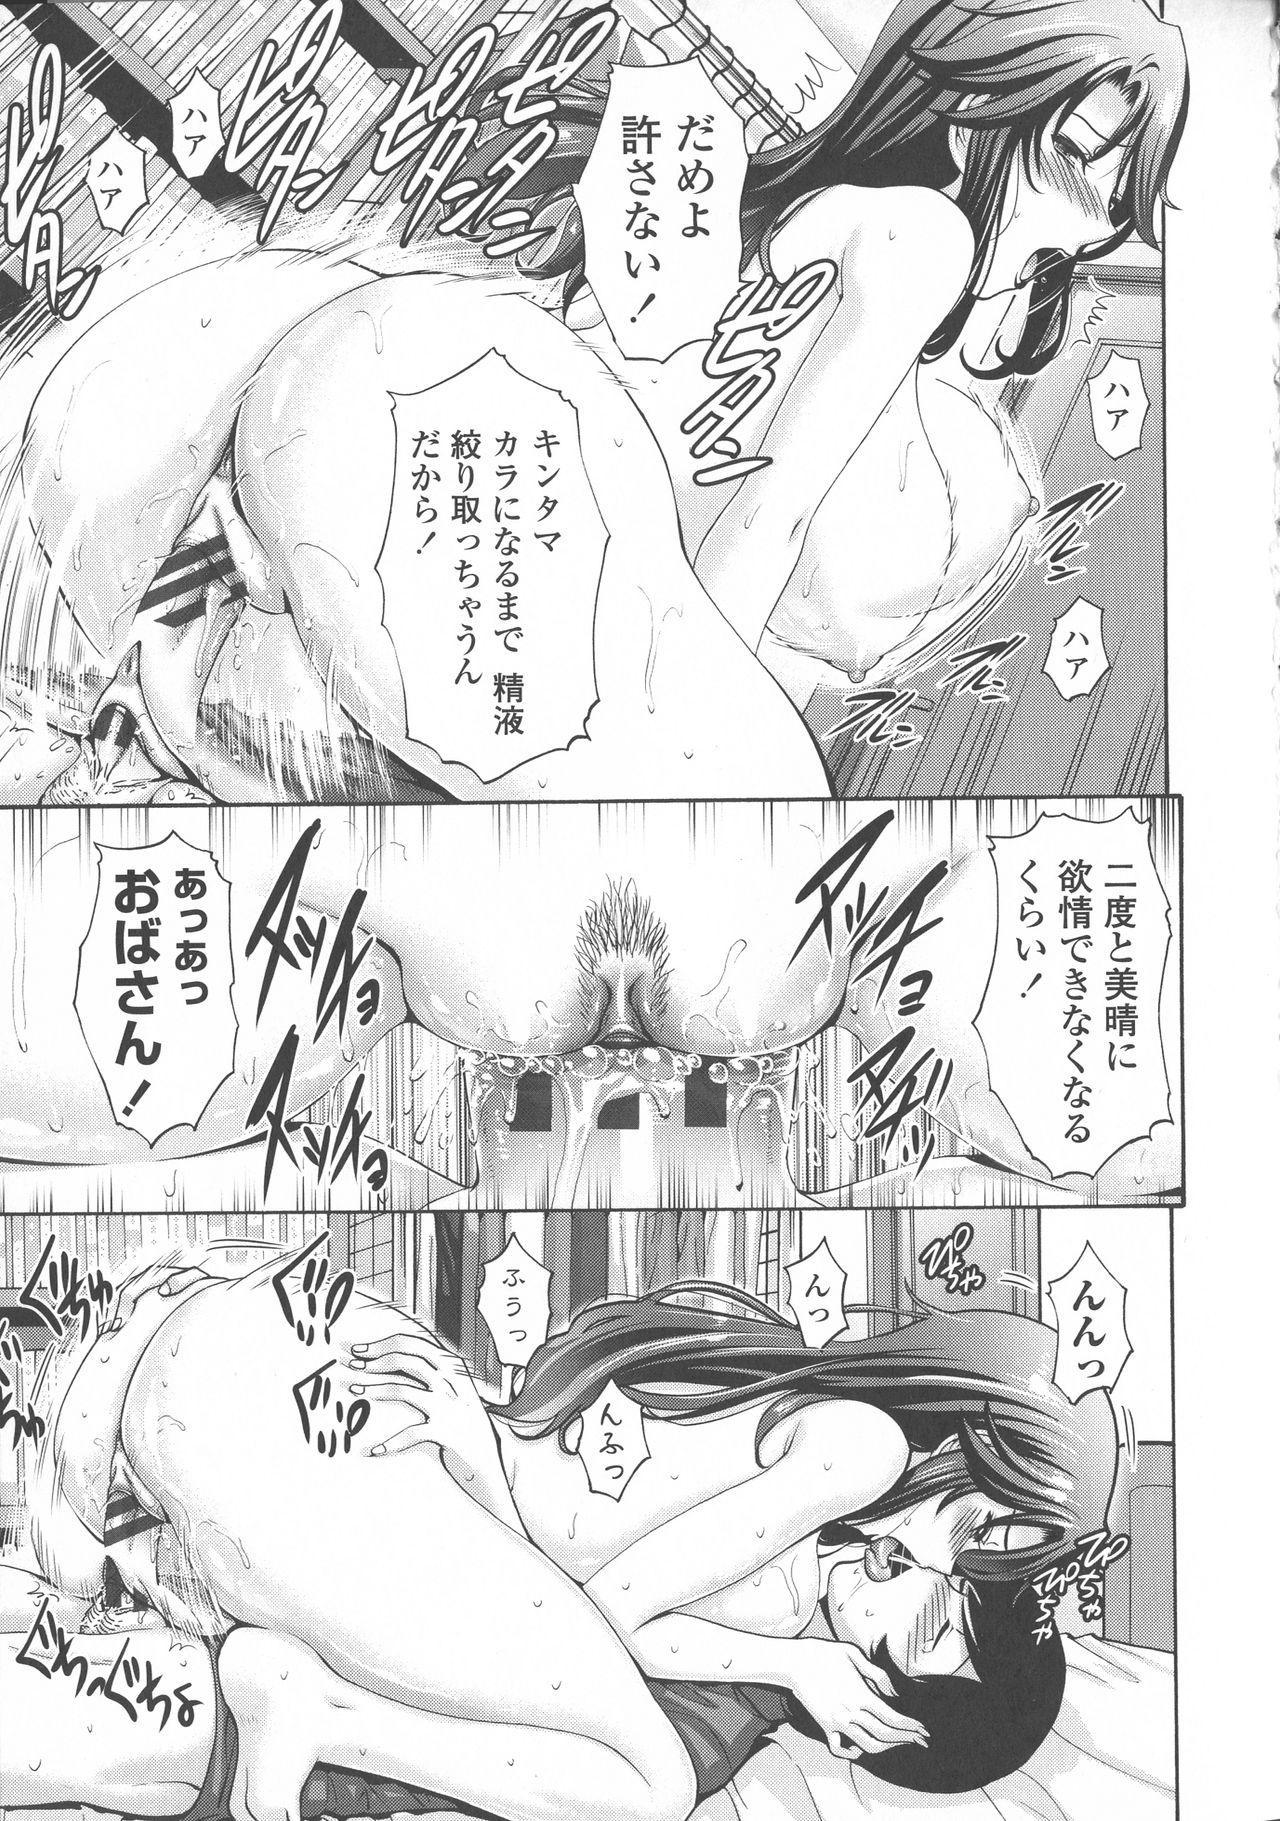 Tomodachi no Haha wa Boku no Mono - His Mother is My Love Hole 119